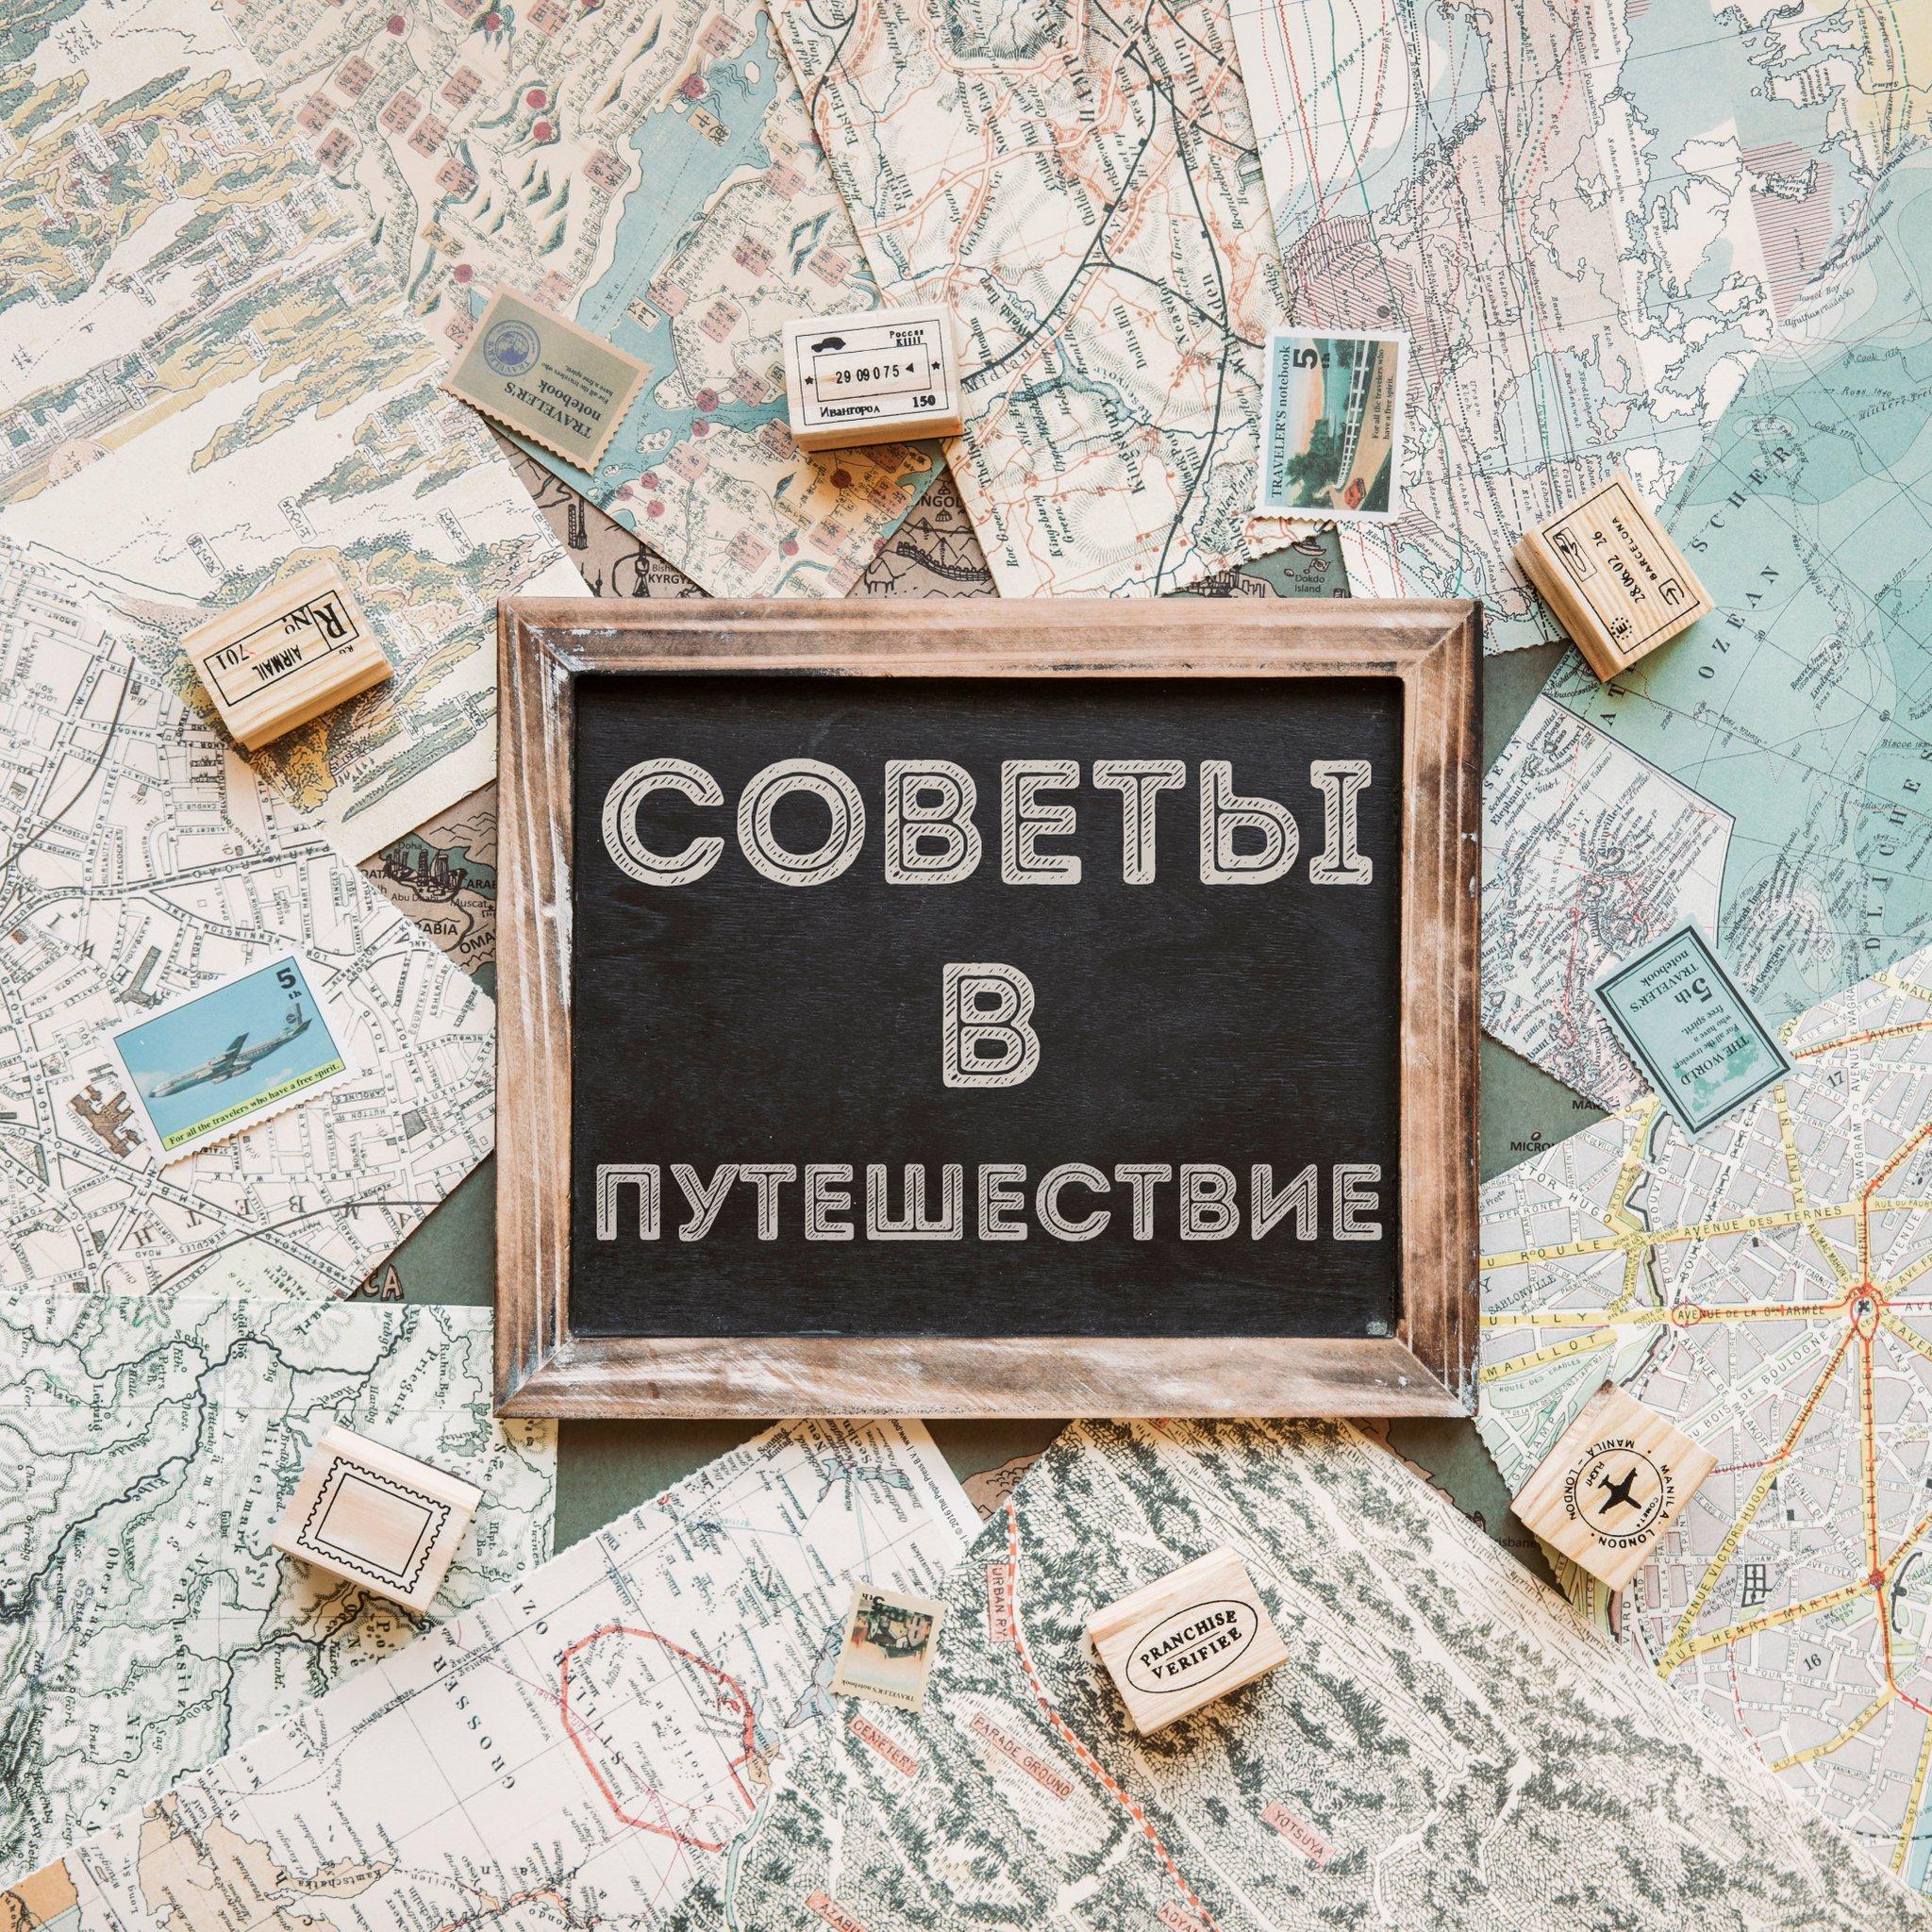 Советы туристам – 3 полезных рекомендации путешественникам